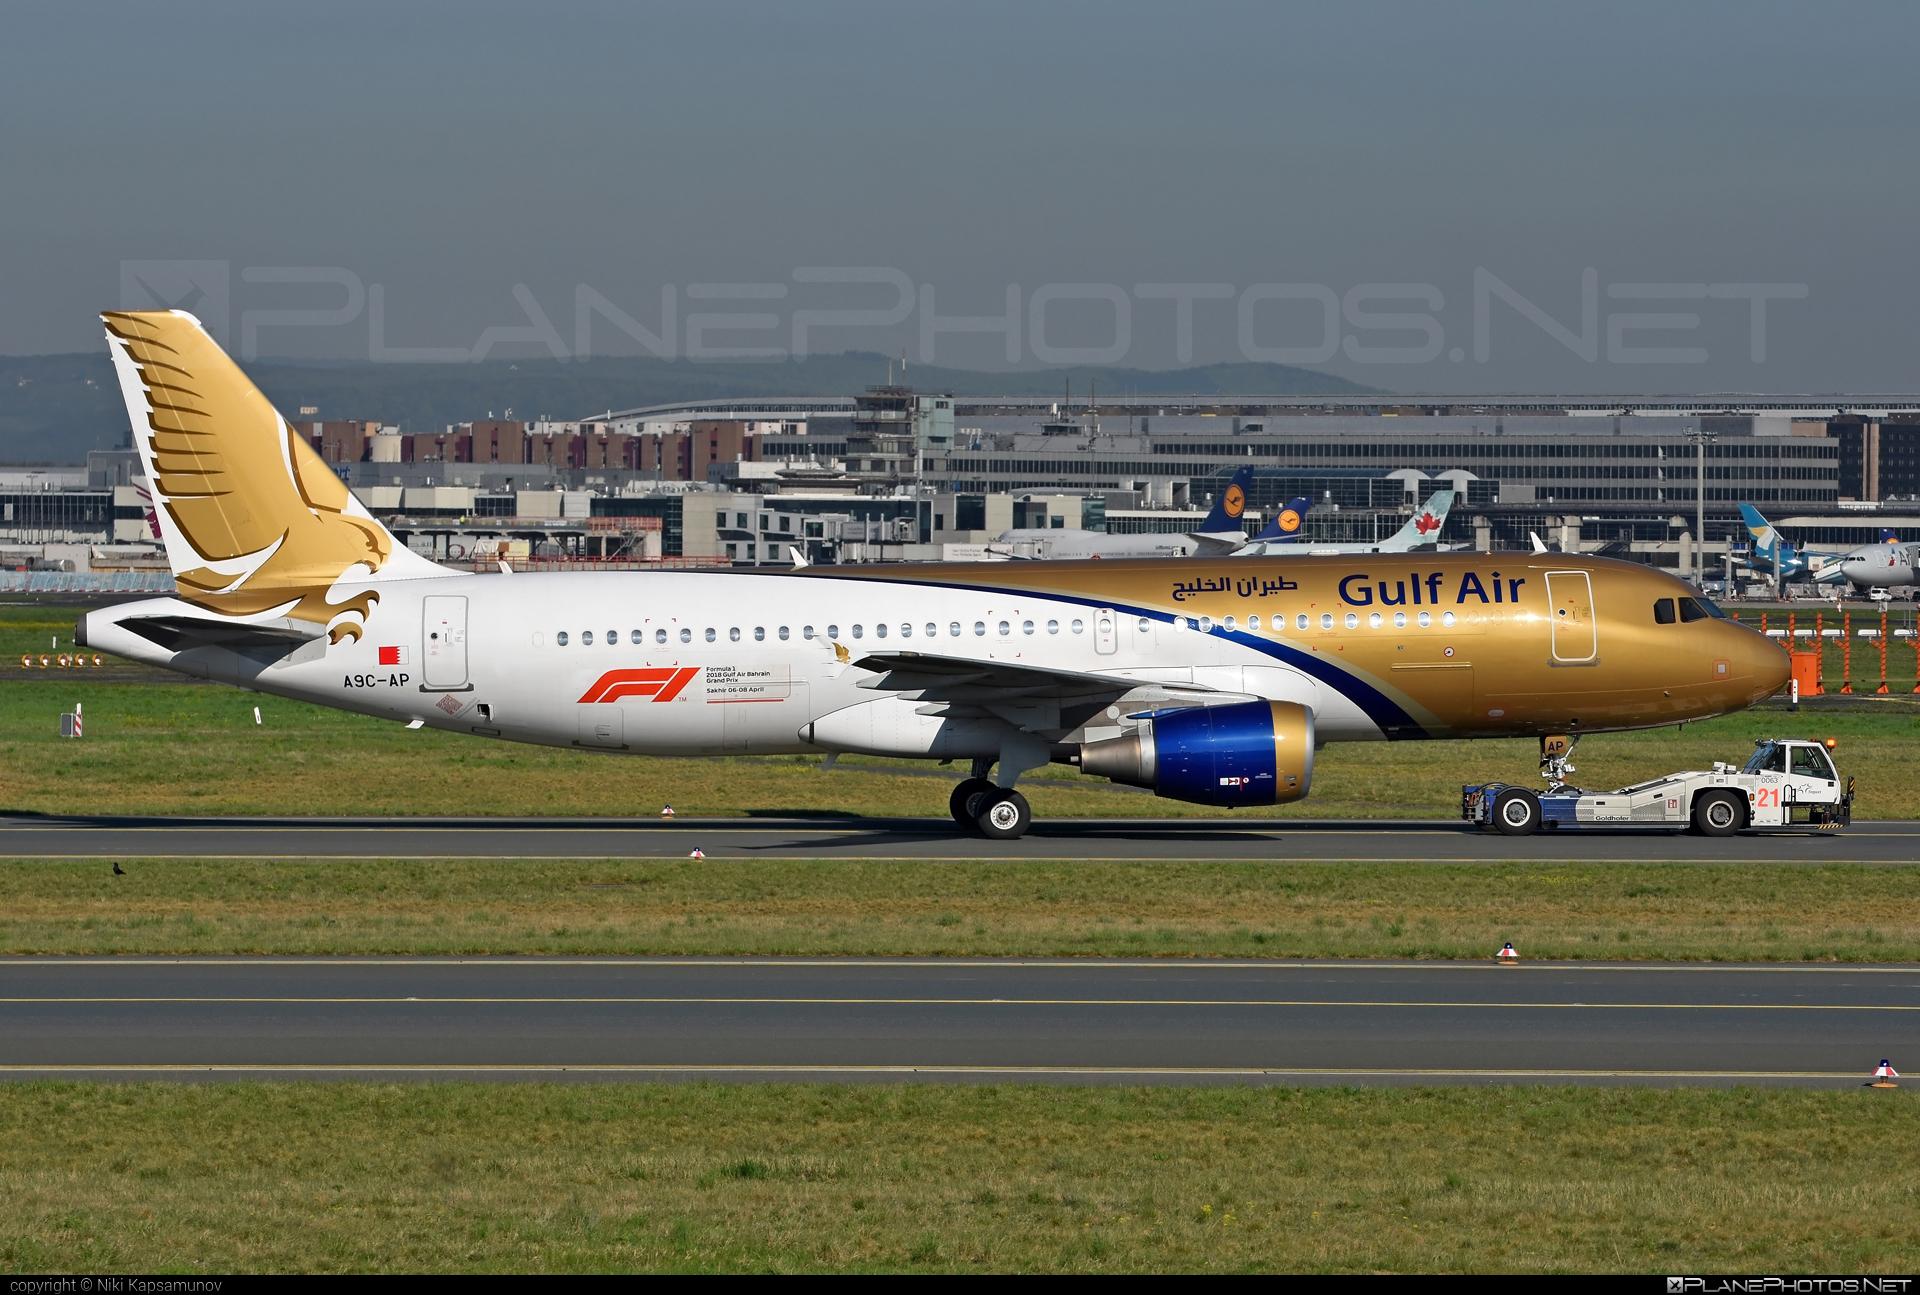 Gulf Air Airbus A320-214 - A9C-AP #a320 #a320family #airbus #gulfair